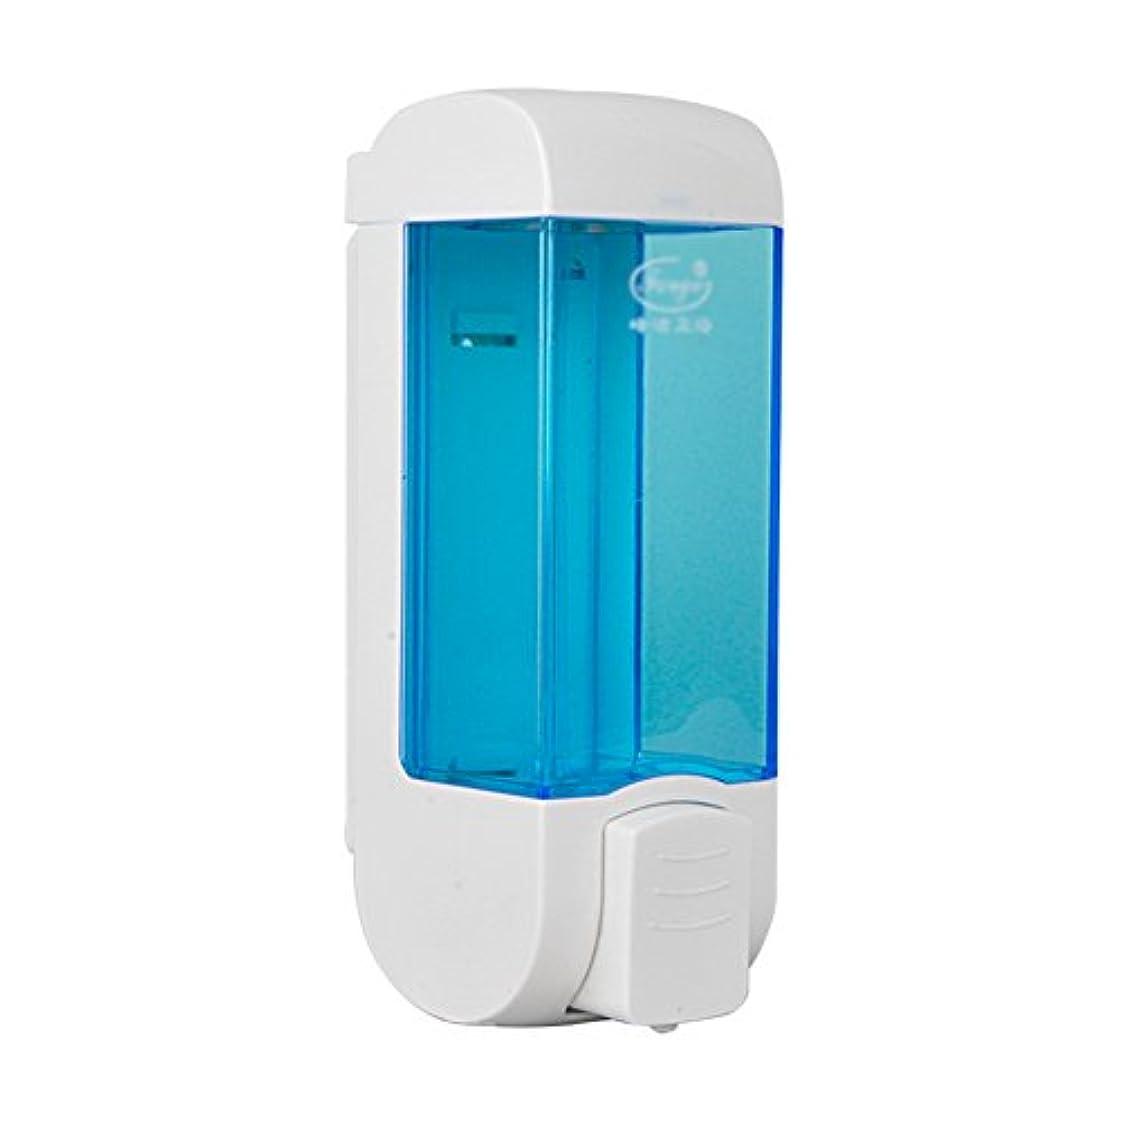 そう統合最少ZEMIN ソープディスペンサー 壁掛け式 石鹸ディスペンサー 帰納的 マニュアル ポンプ 2頭 シャンプー 液体 石鹸 クリーン、 プラスチック、 青、 300ML (色 : 1)